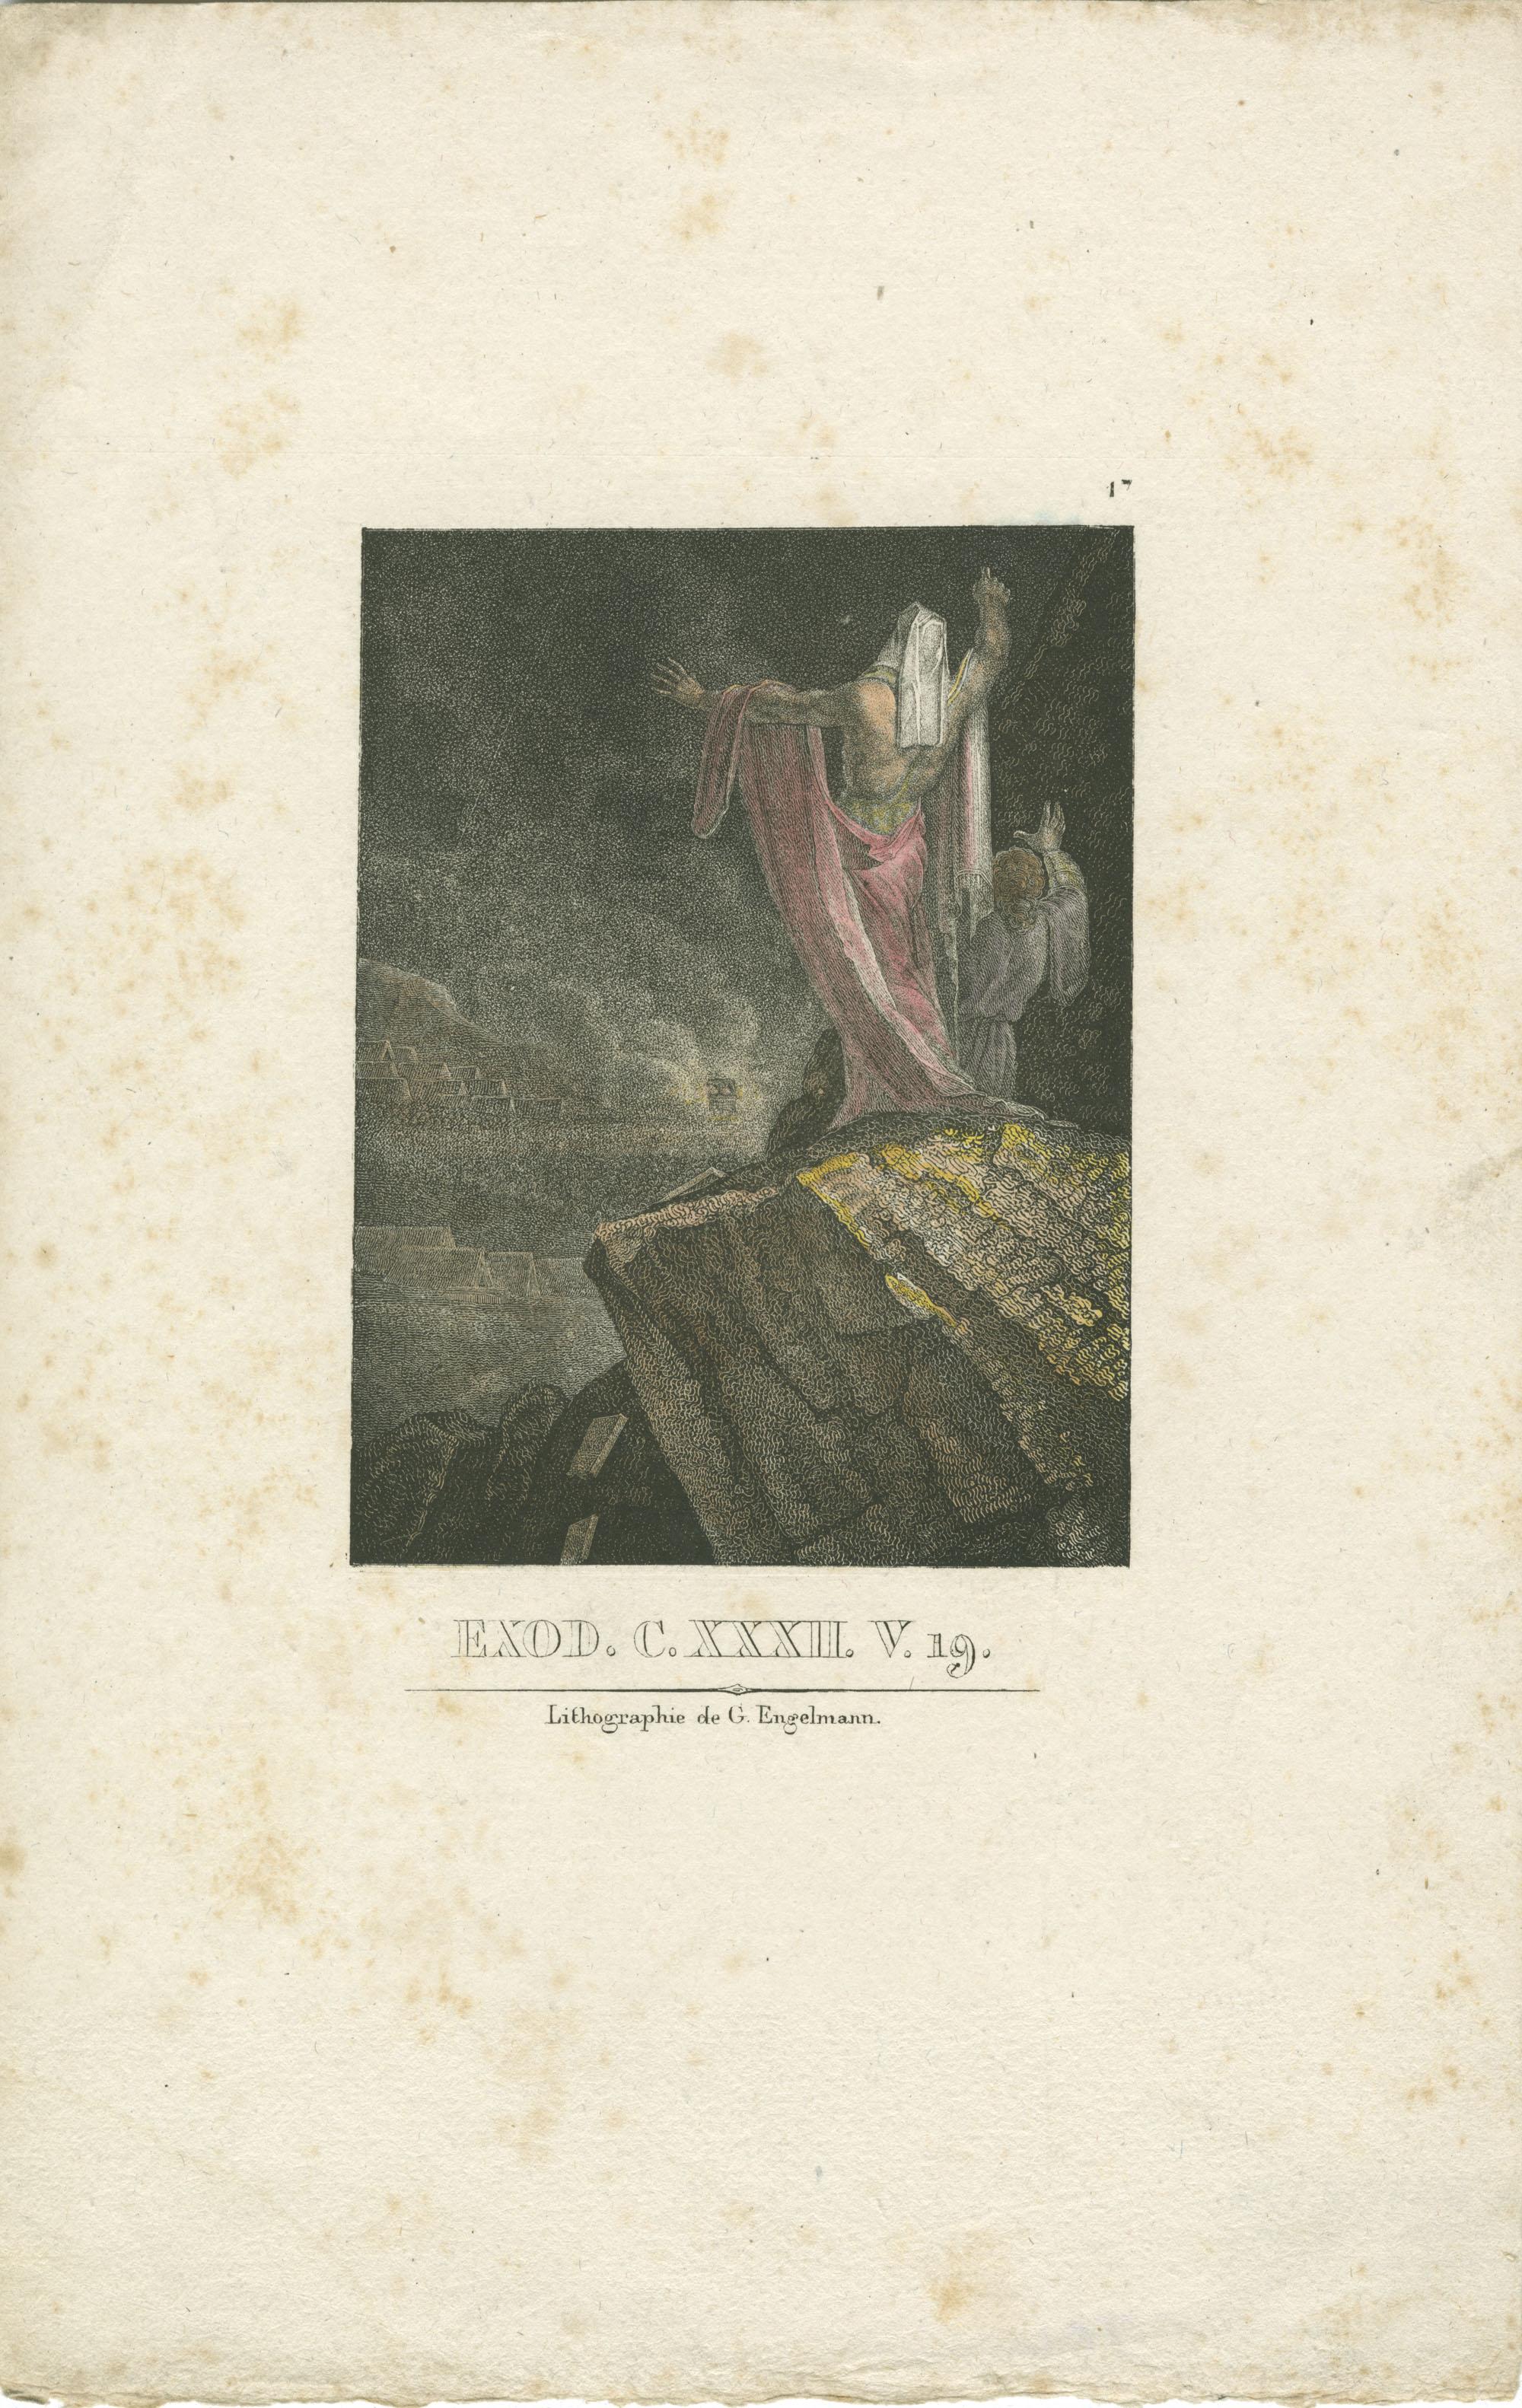 EXOD. C.XXXII. V.19.